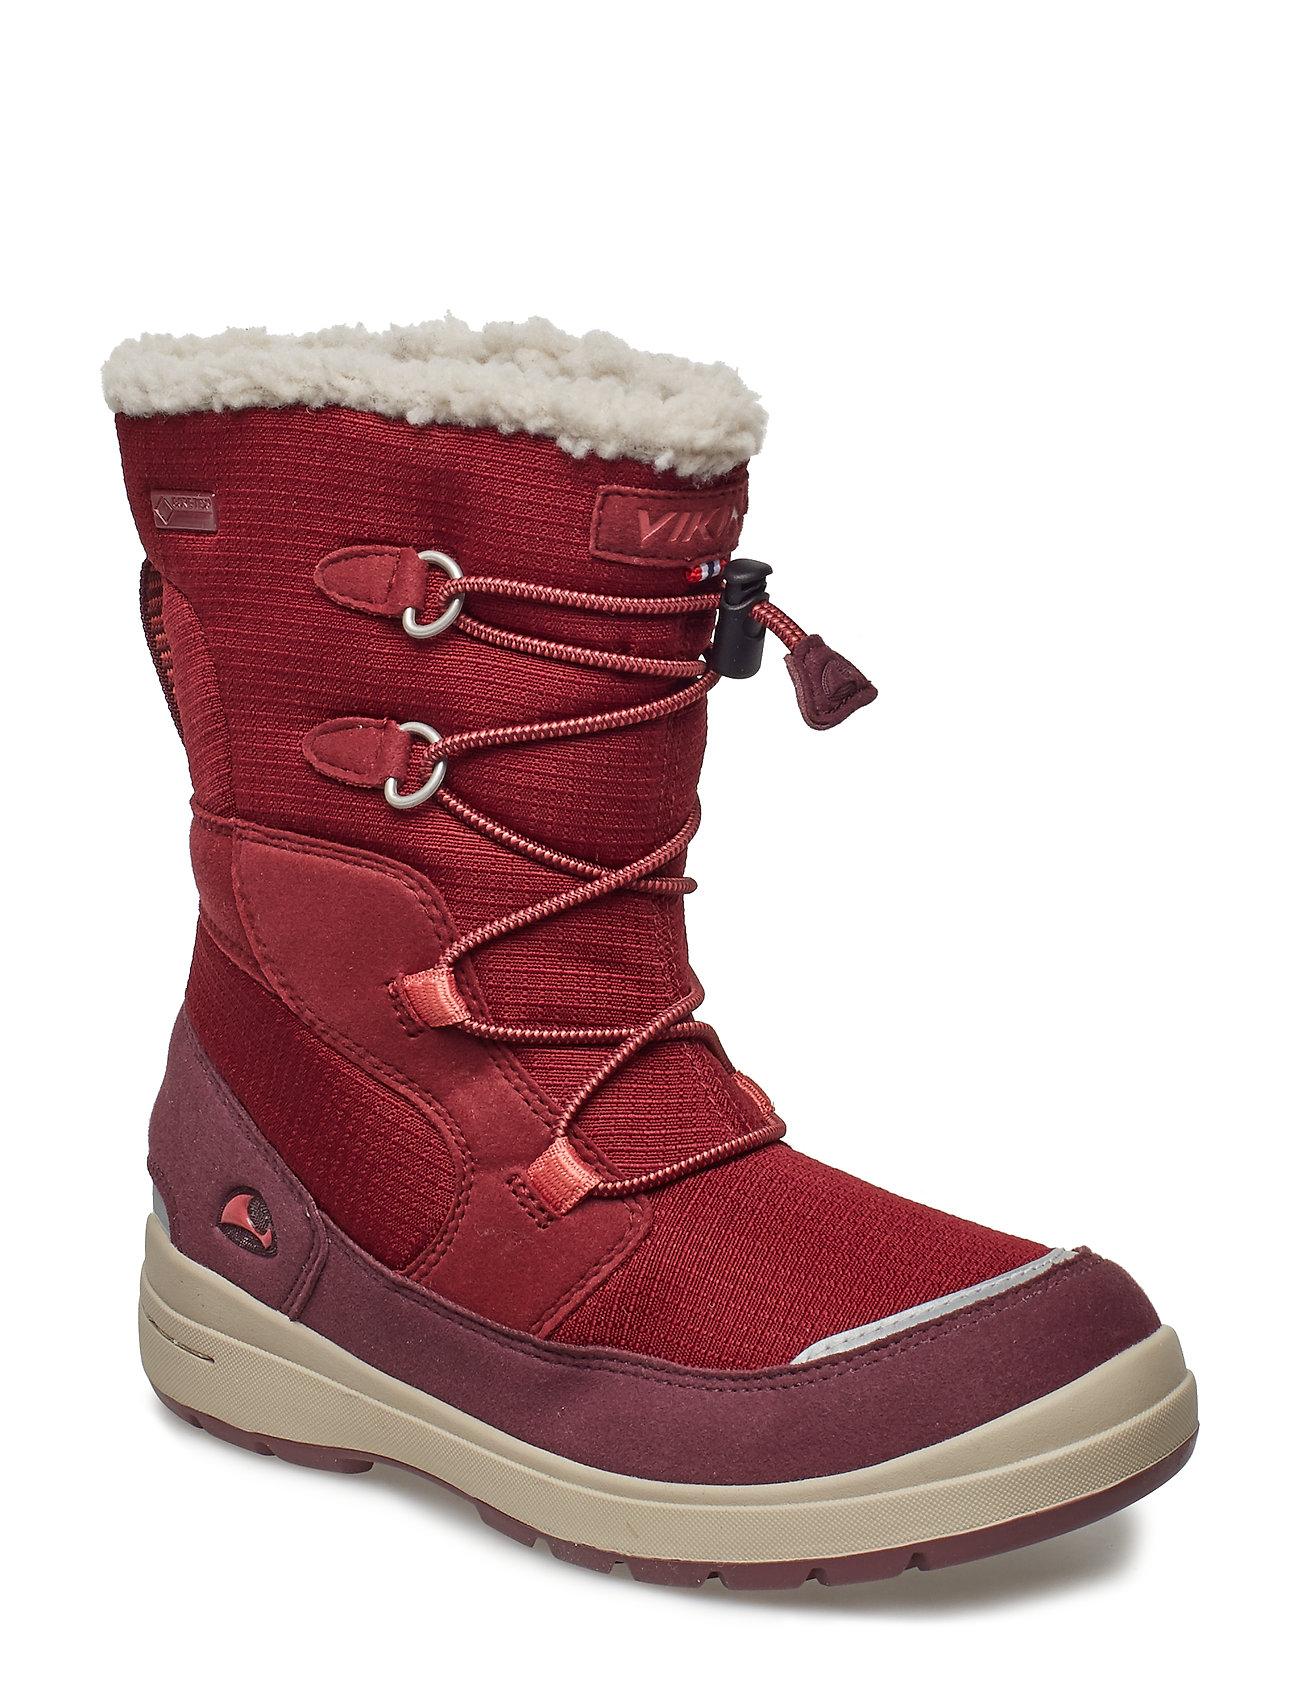 Viking Totak Gtx Vinterstøvletter Med Snøring Rød Viking